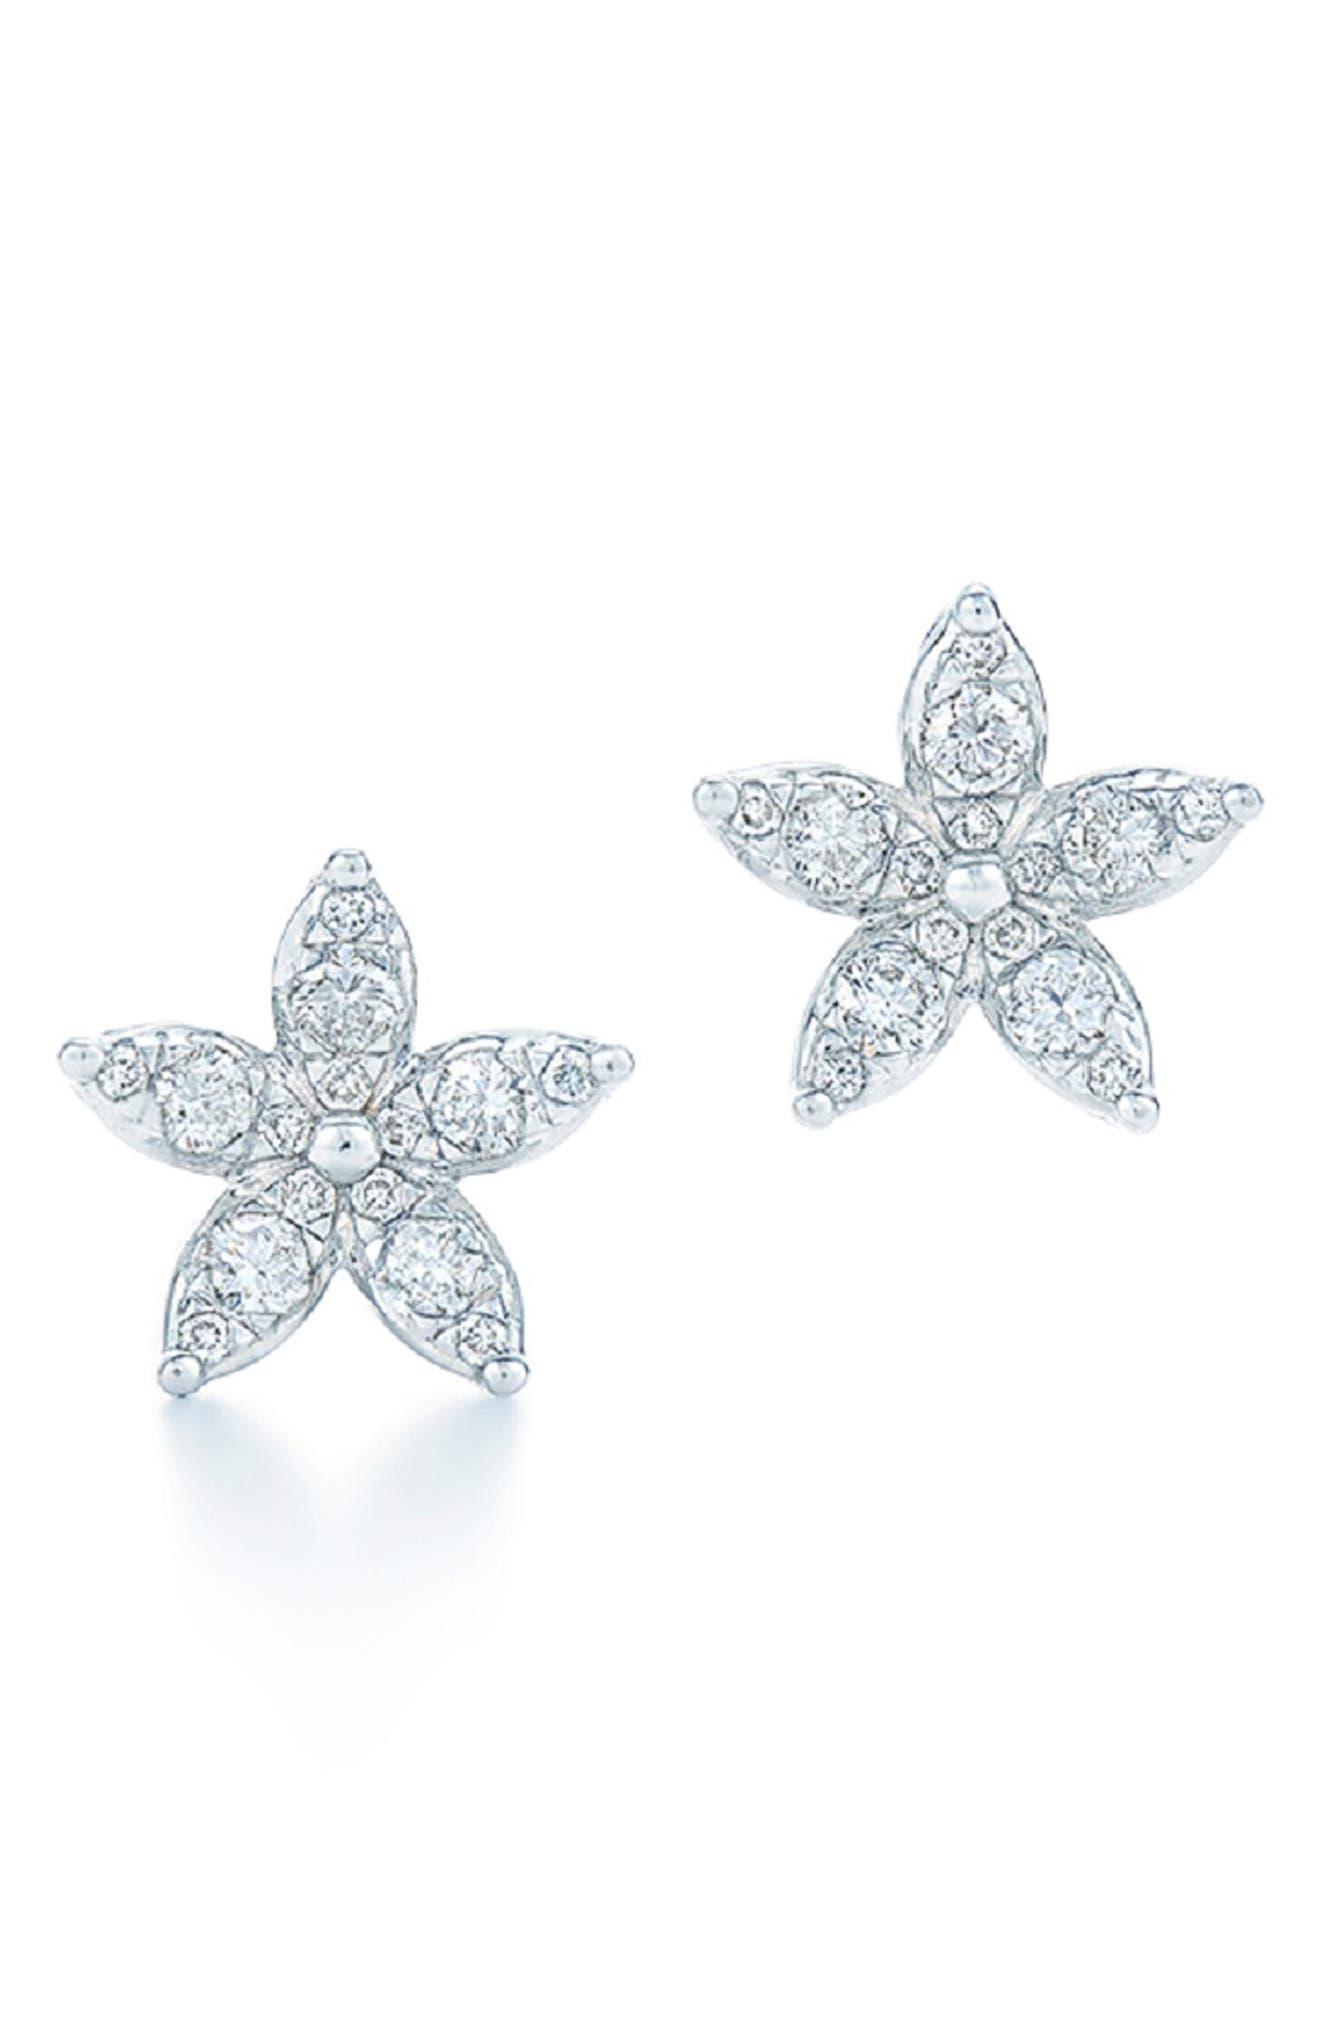 KWIAT Sunburst Flower Diamond Stud Earrings in White Gold